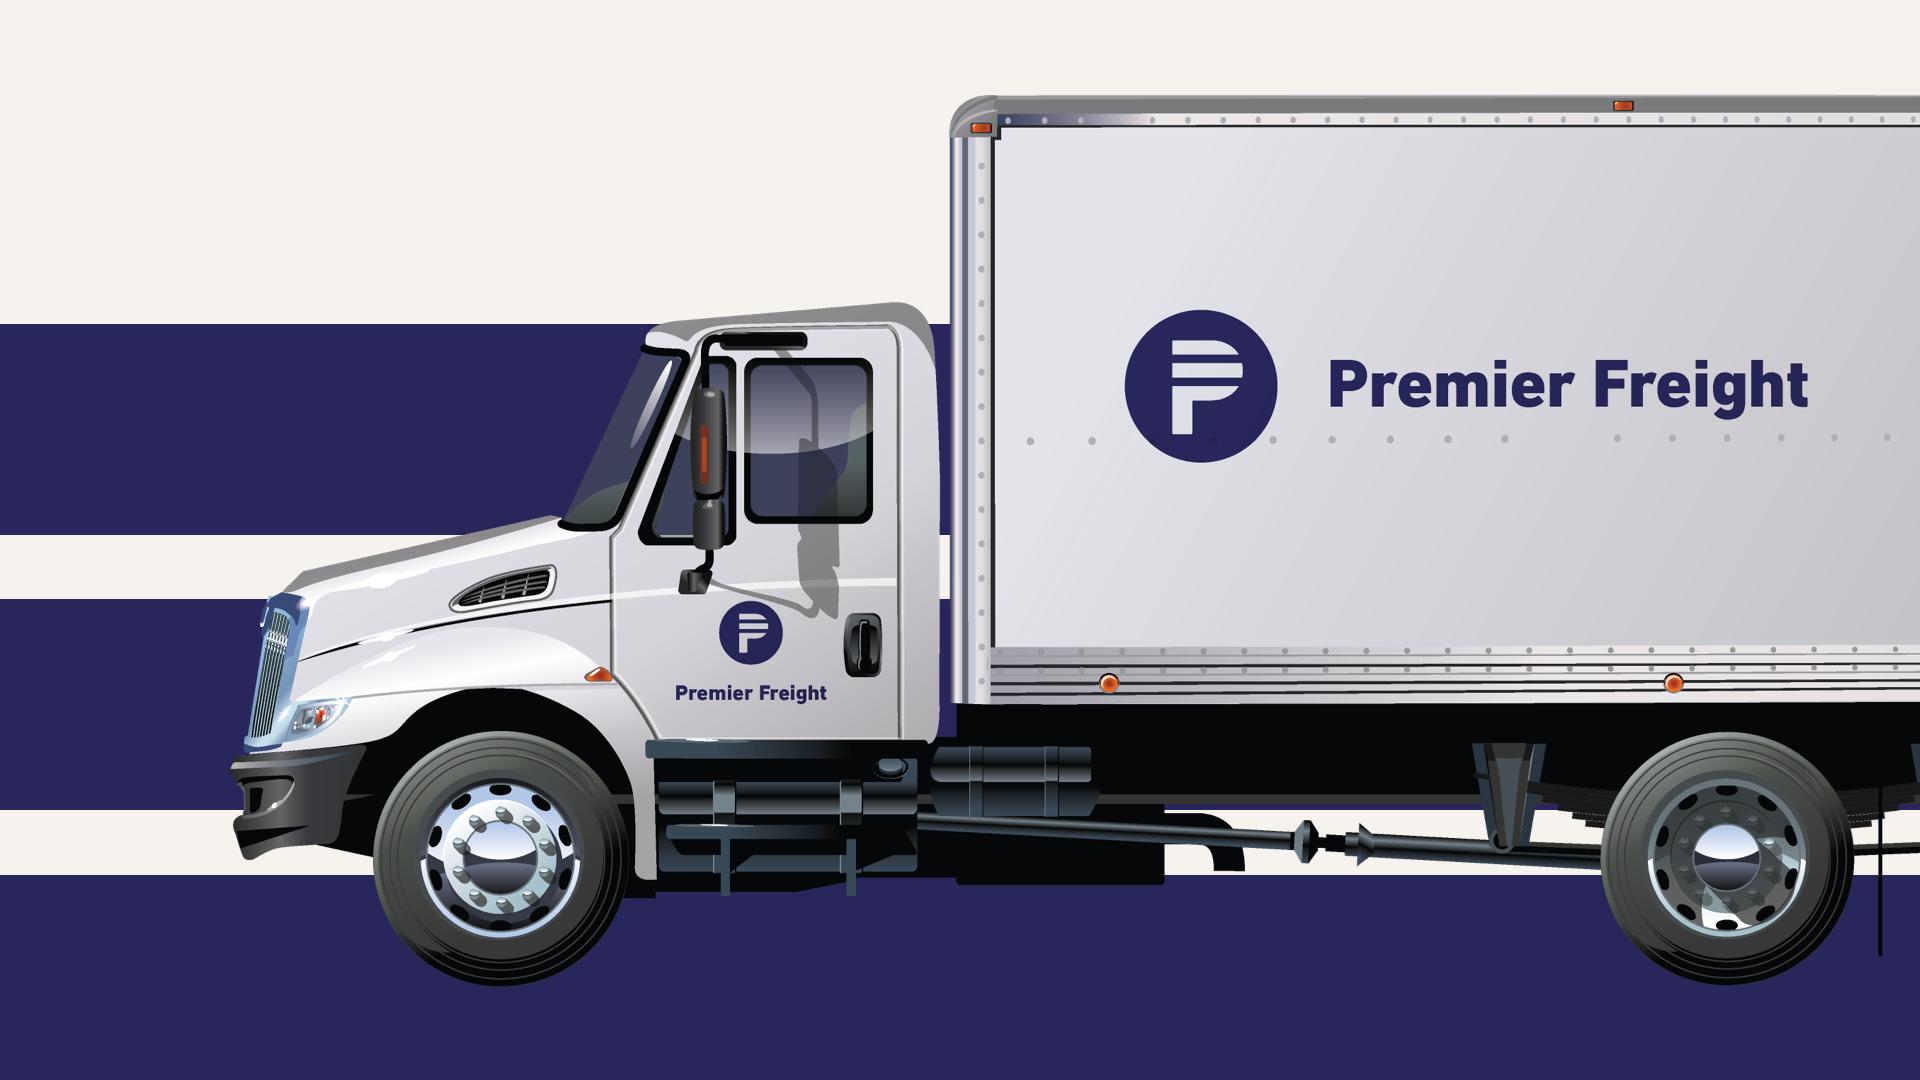 Premier Freight Logo: Truck Usage